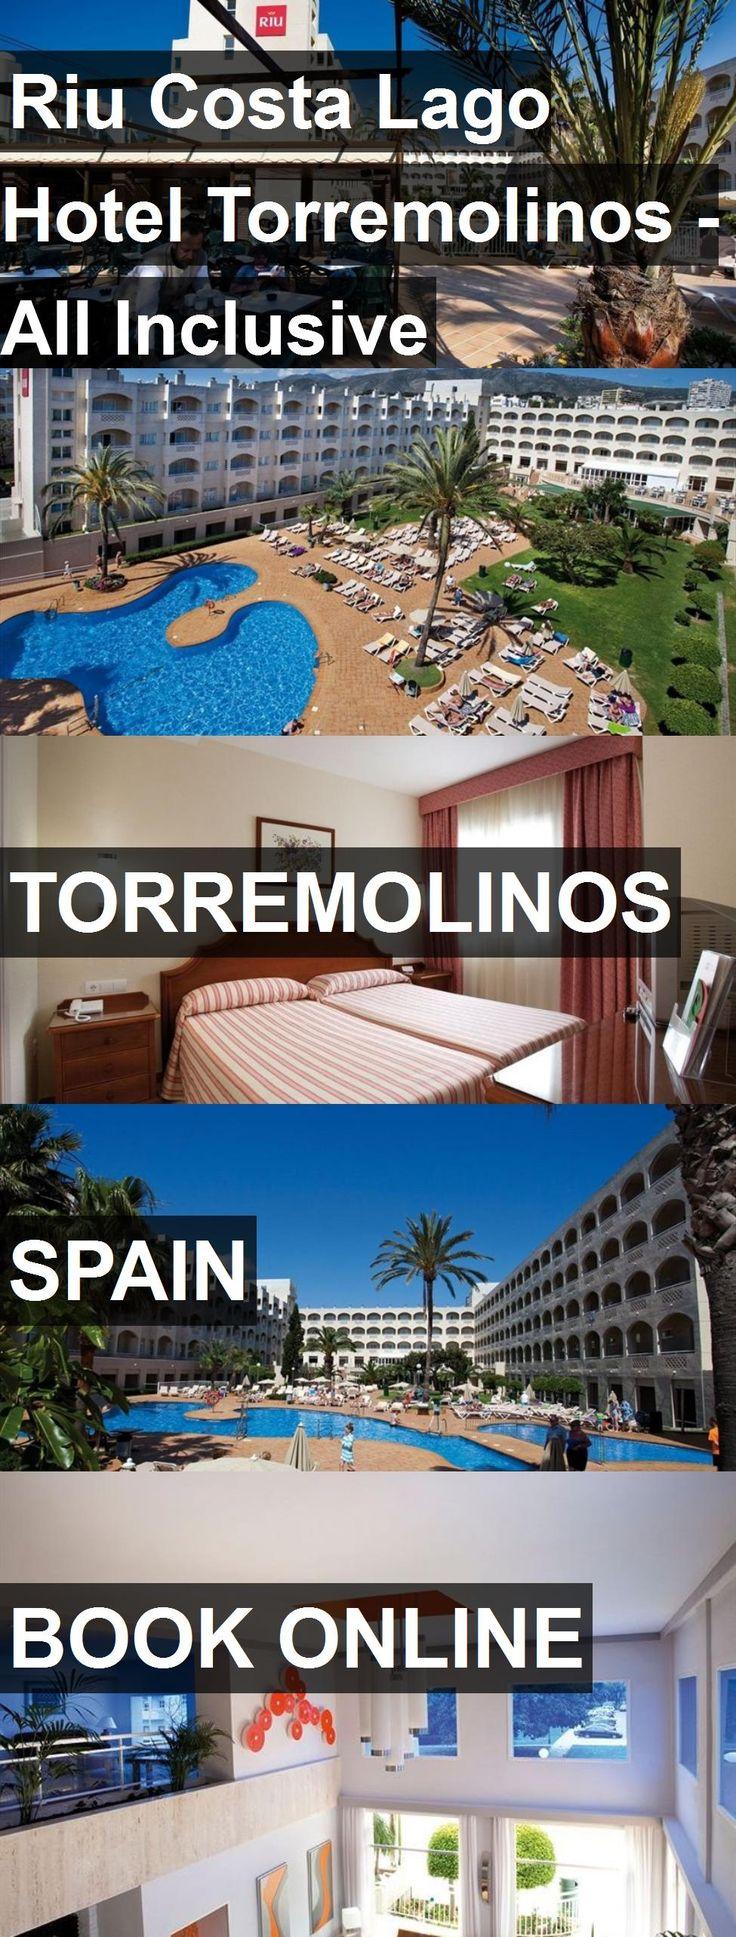 Sandos Papagayo Beach Resort Hotel Map%0A Riu Costa Lago Hotel Torremolinos  All Inclusive in Torremolinos  Spain   For more information